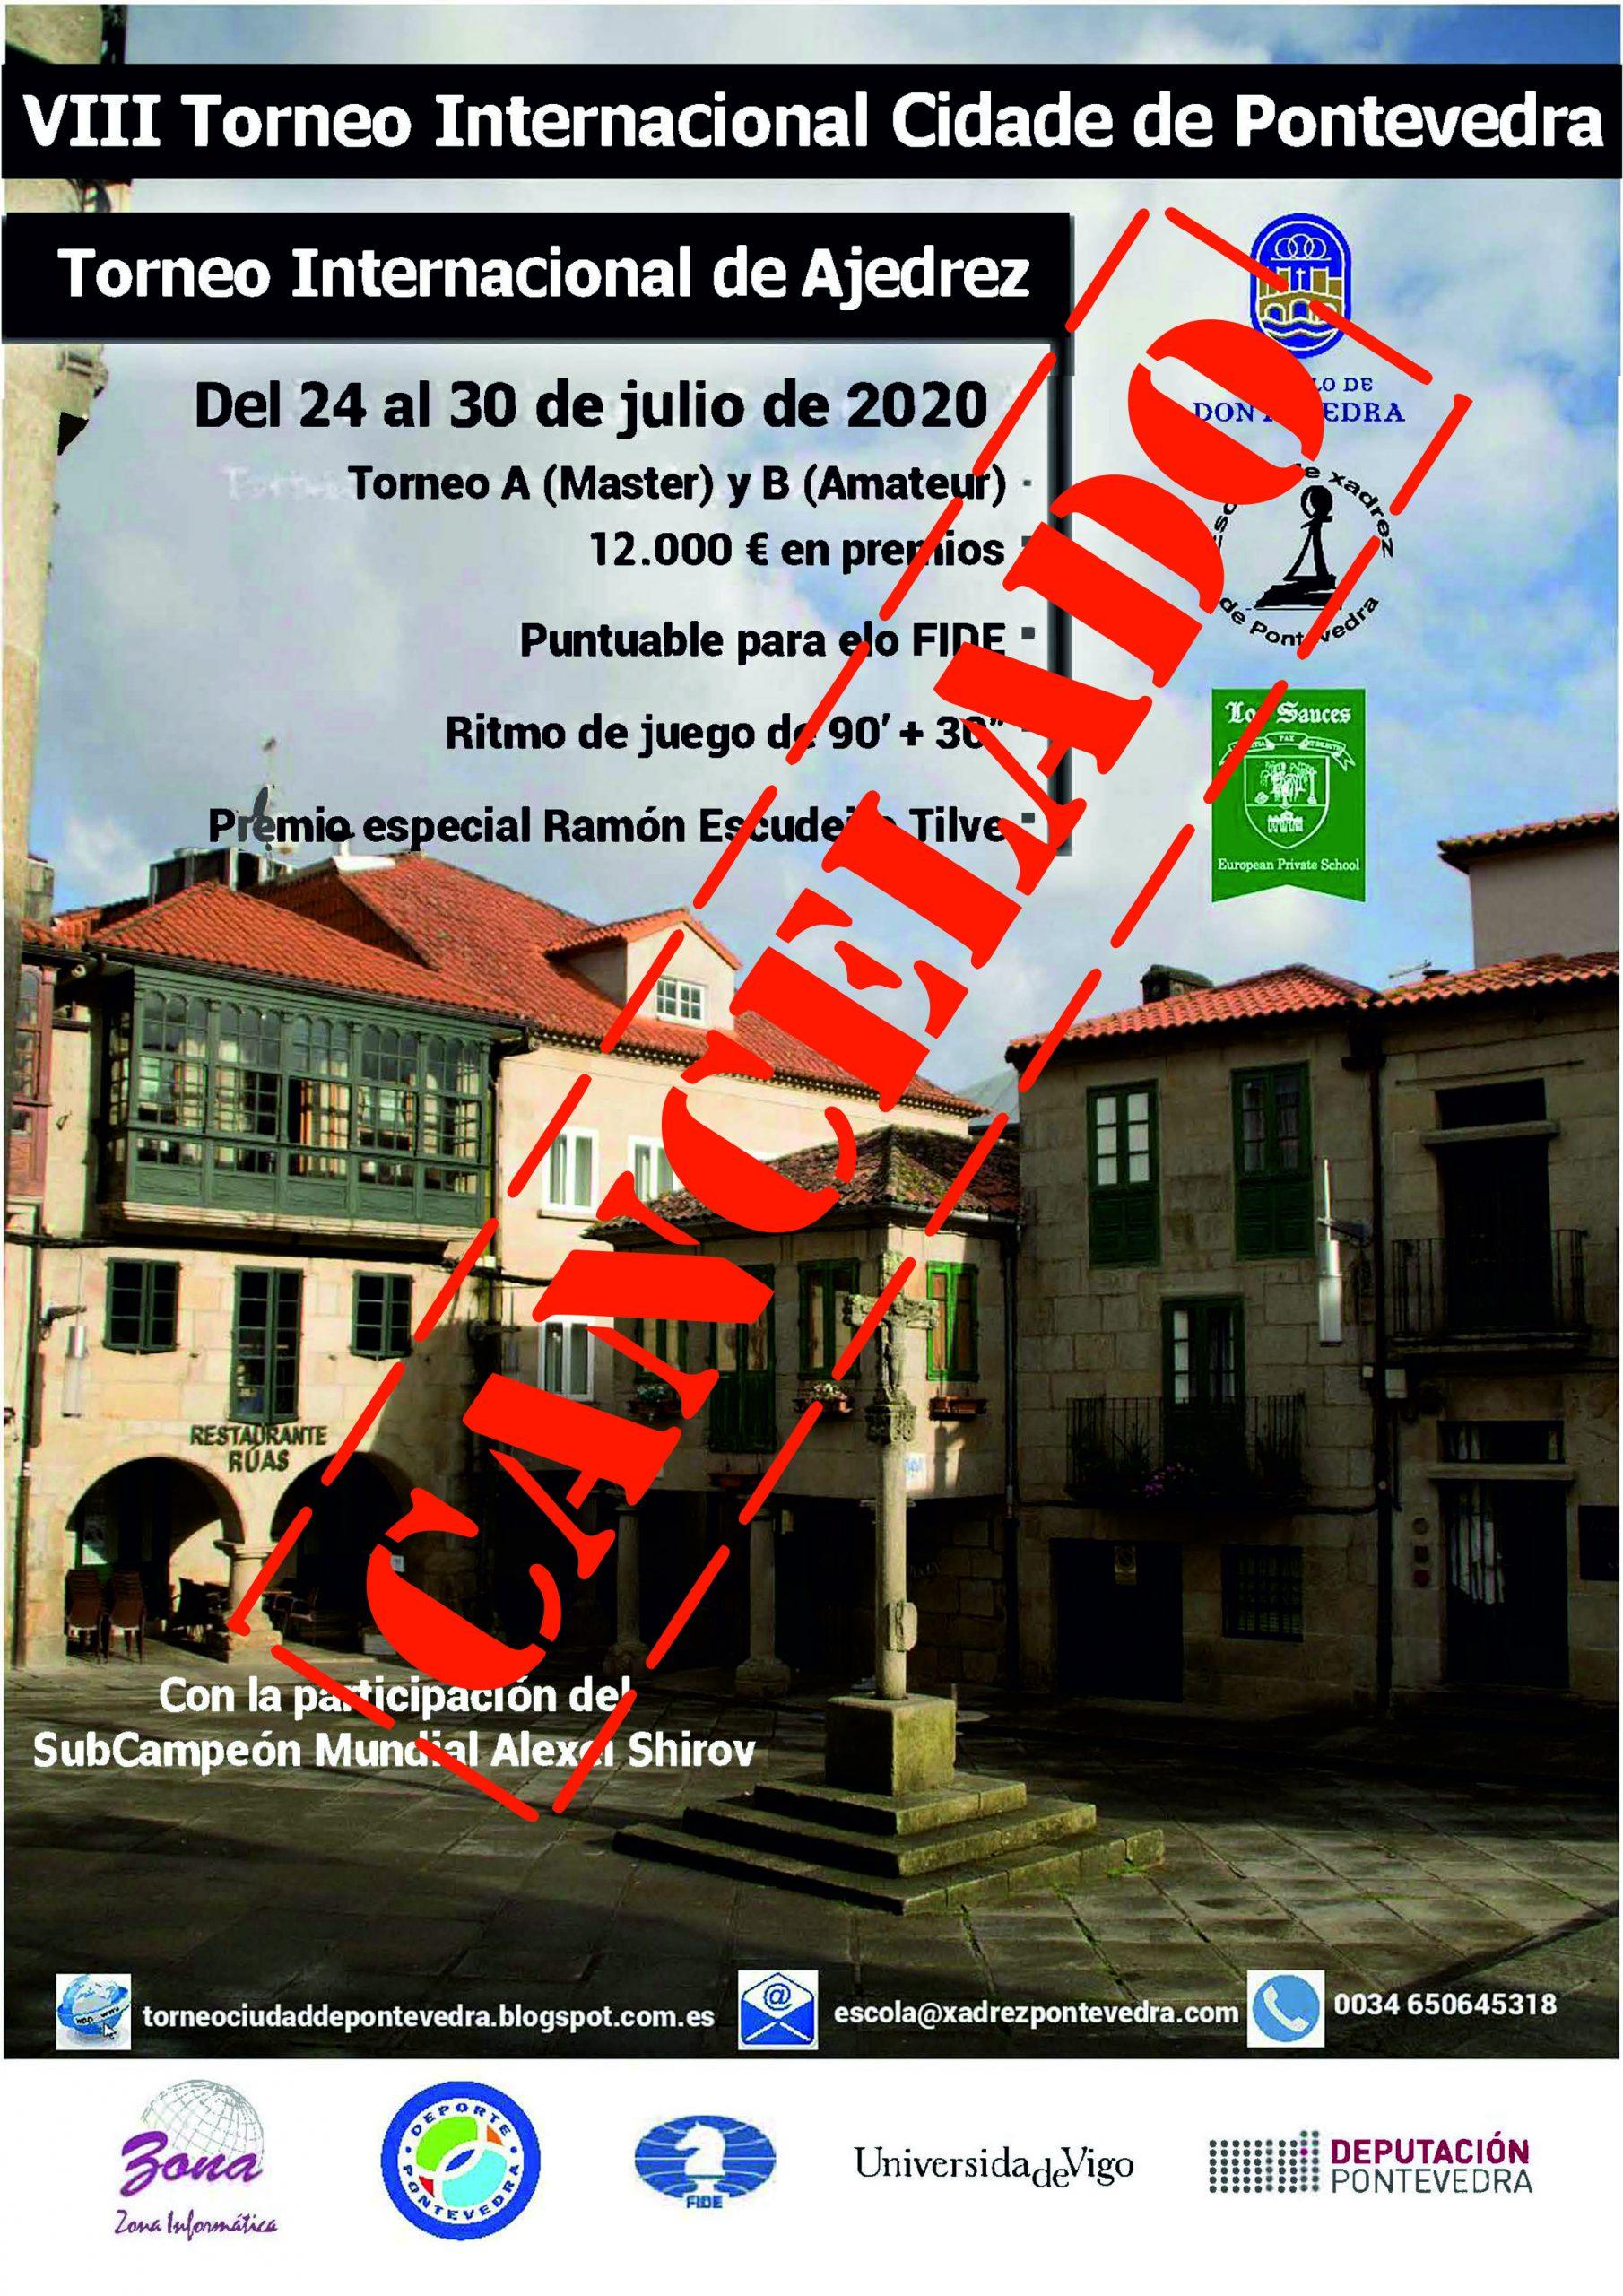 Cancelación del VIII Torneo Internacional de Ajedrez Ciudad de Pontevedra